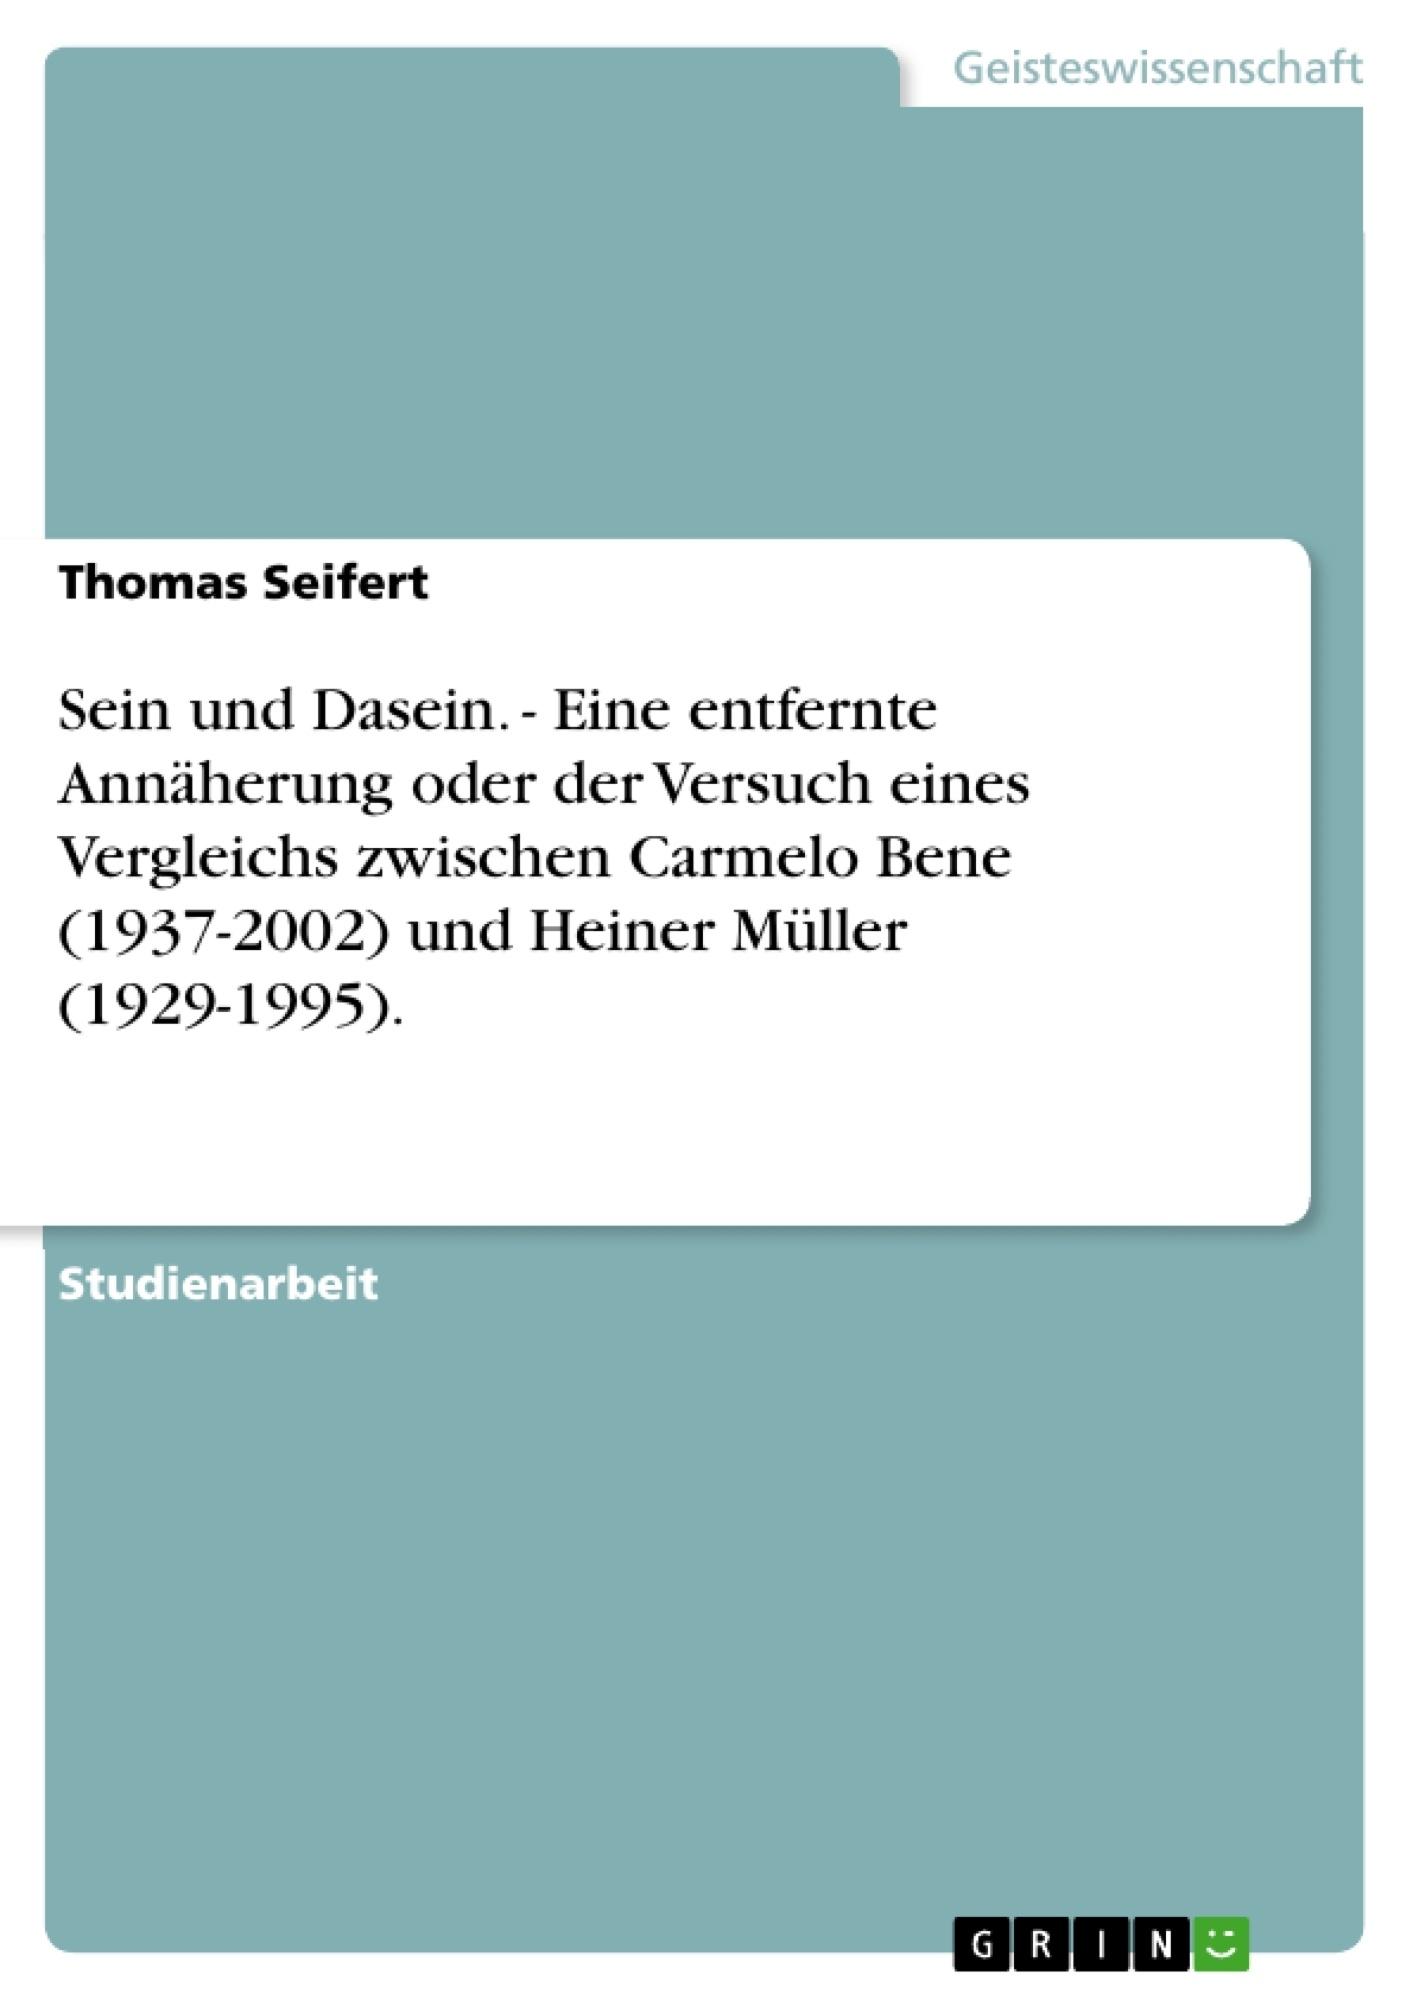 Titel: Sein und Dasein. - Eine entfernte Annäherung oder der Versuch eines Vergleichs zwischen Carmelo Bene (1937-2002) und Heiner Müller (1929-1995).